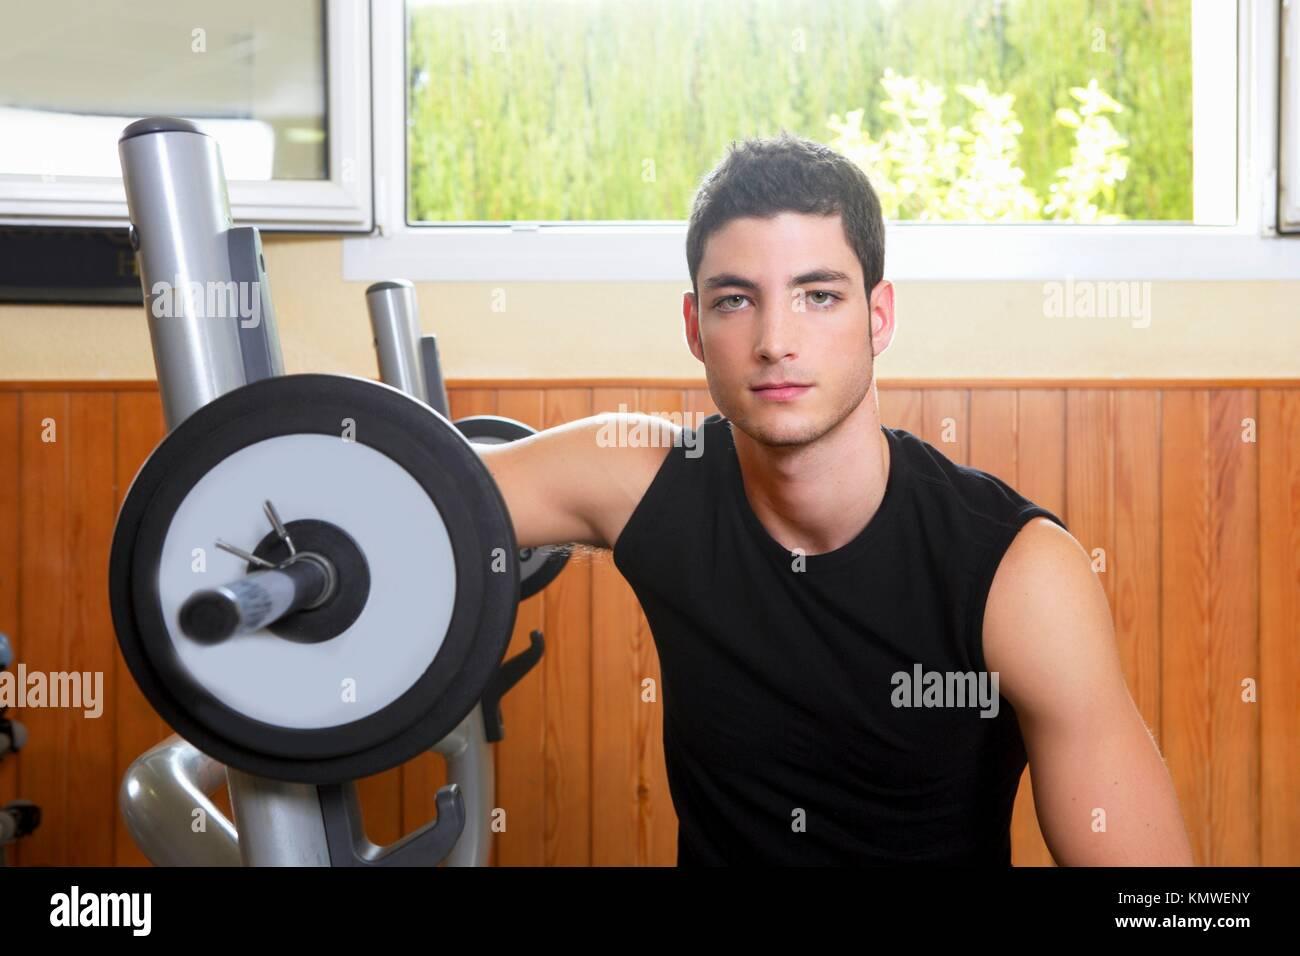 Gimnasio joven posando body building weigths negro Imagen De Stock